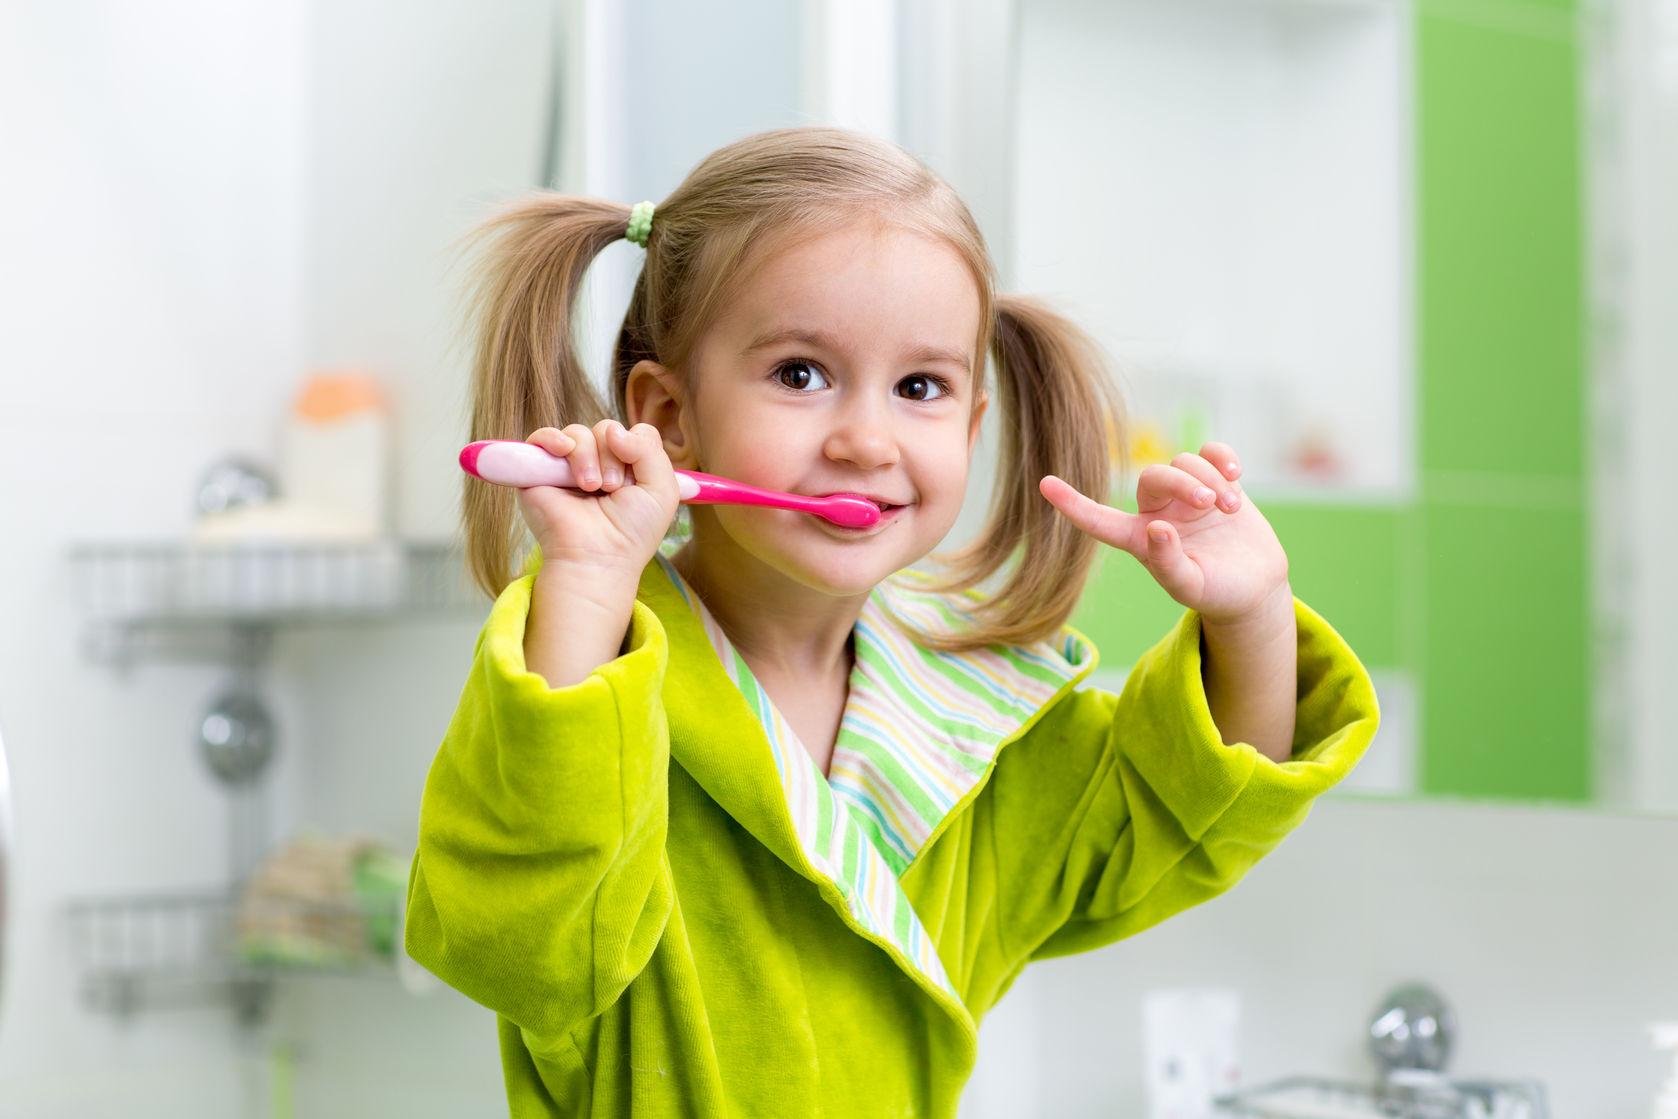 Stafford Dental – Free dental work – timaru kids – Stafford